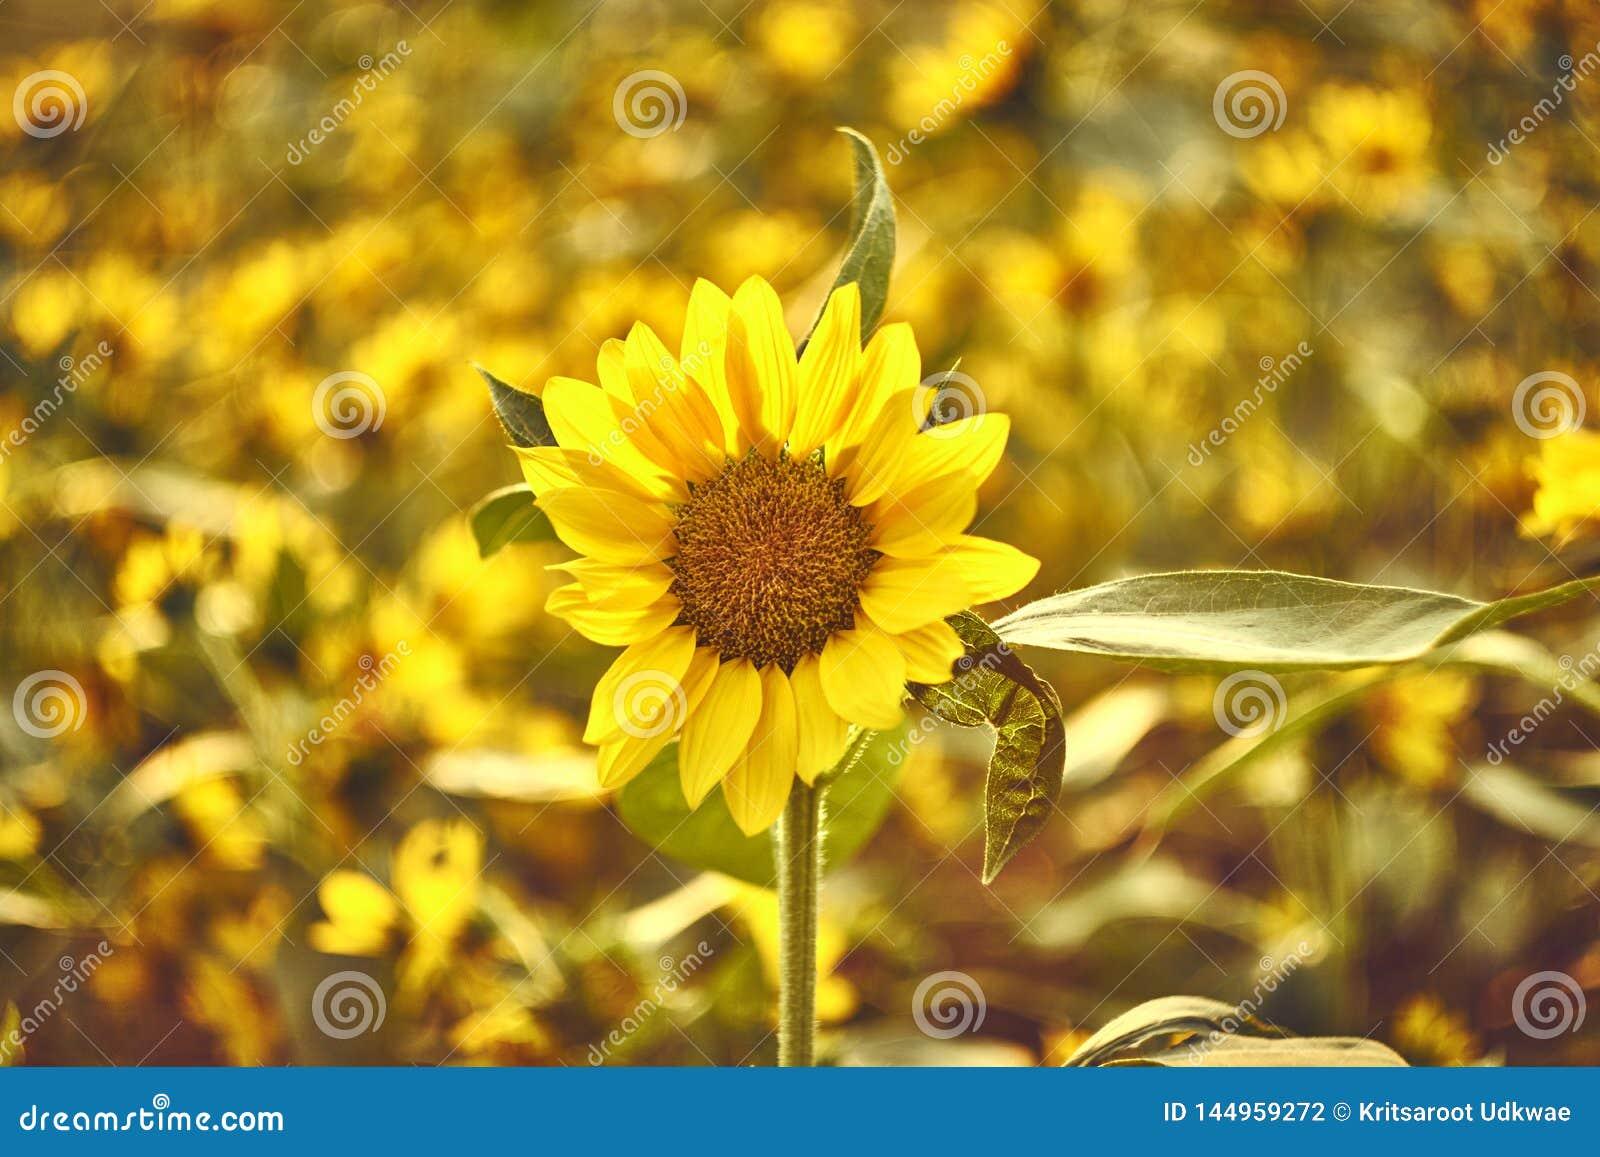 Sonnenblume mit Unsch?rfesonnenblumenfeld im Hintergrund